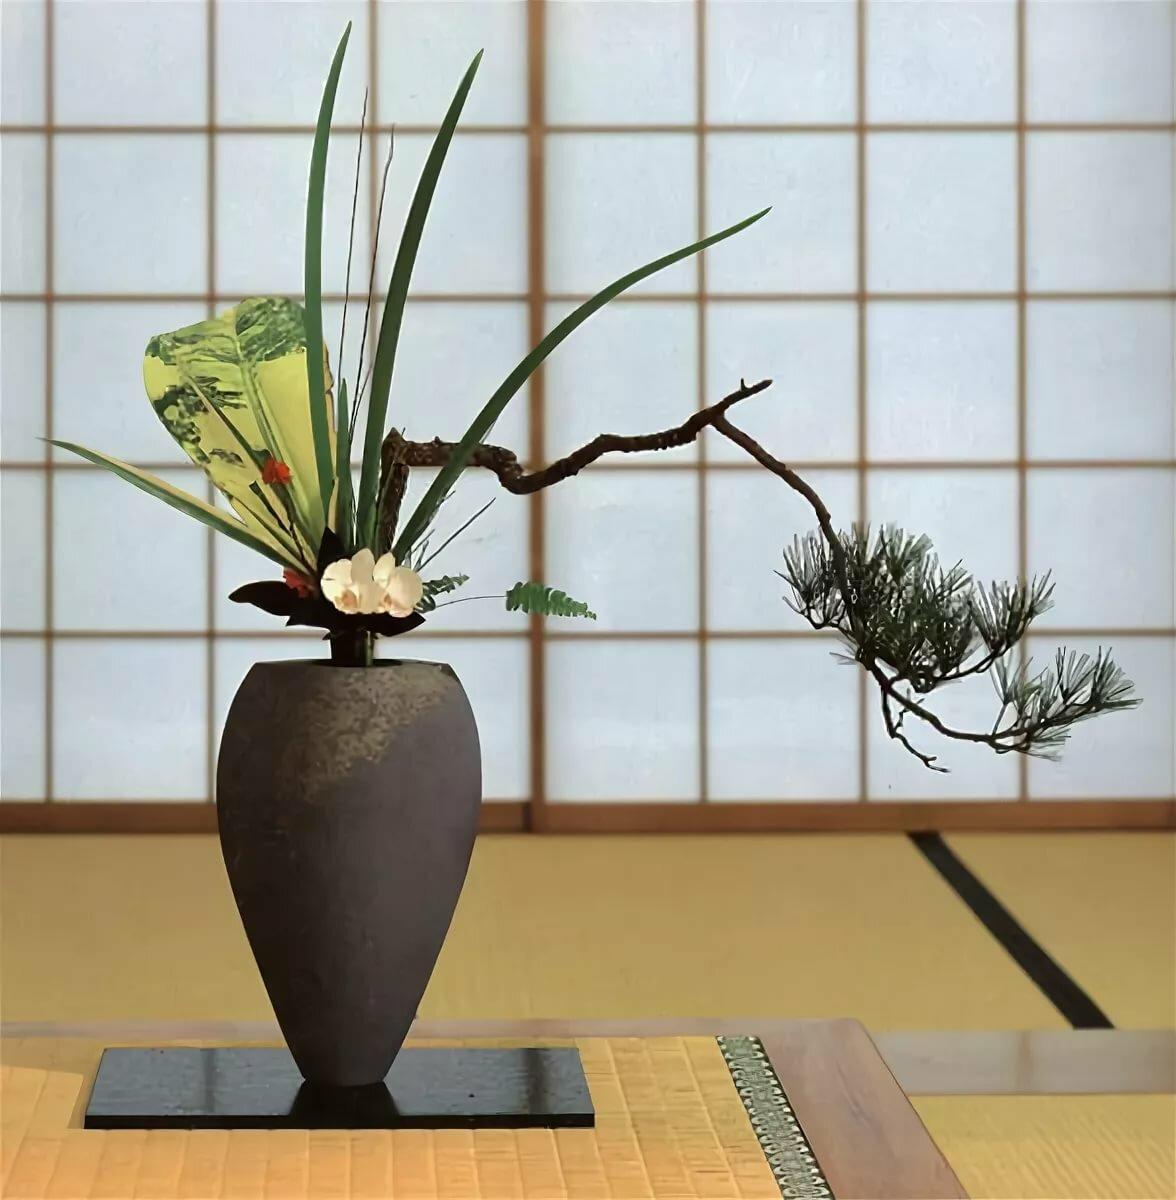 Искусство икебана - как оно появилось и в чем его секрет?